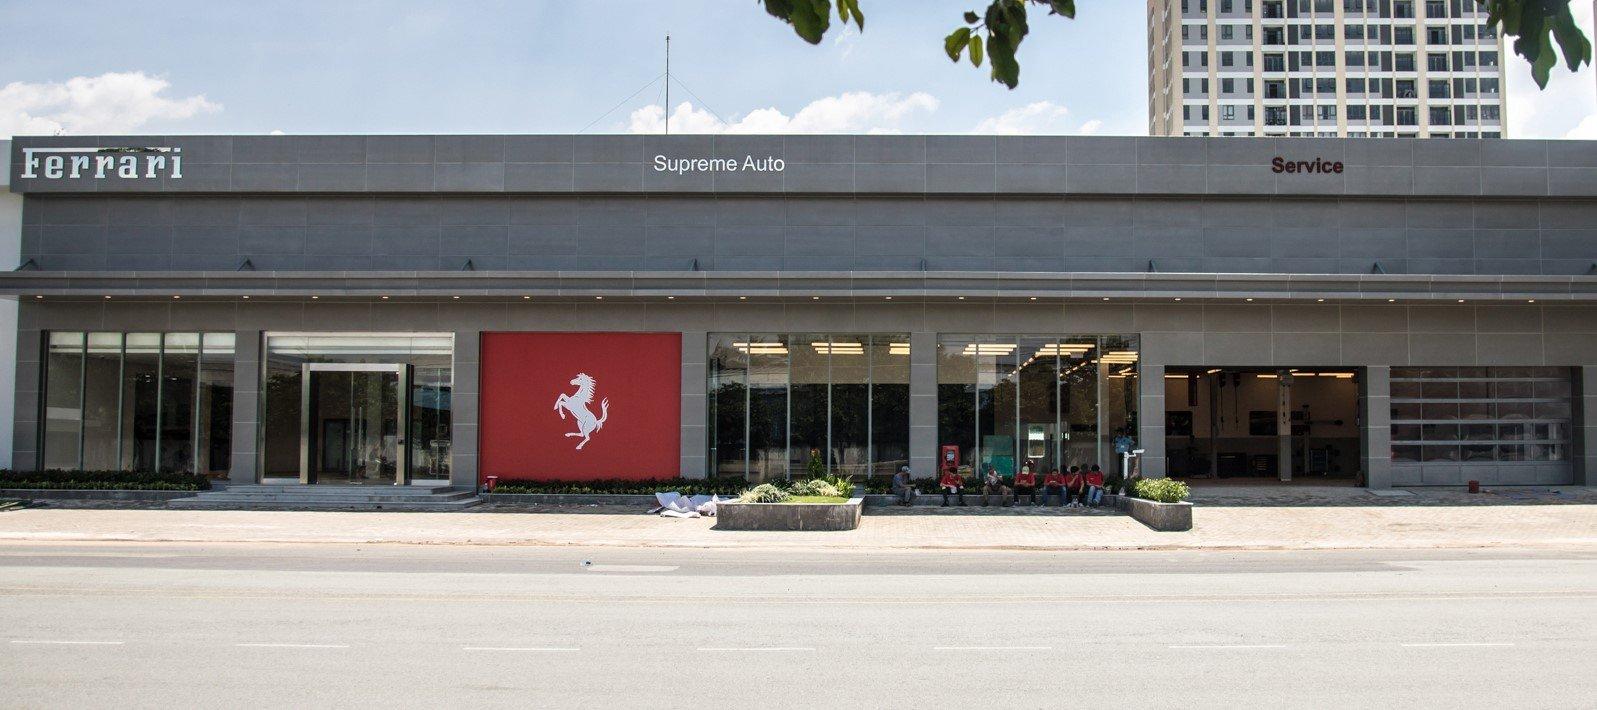 Showroom Ferrari chính hãng tại Việt Nam chỉ bán xe cũ.